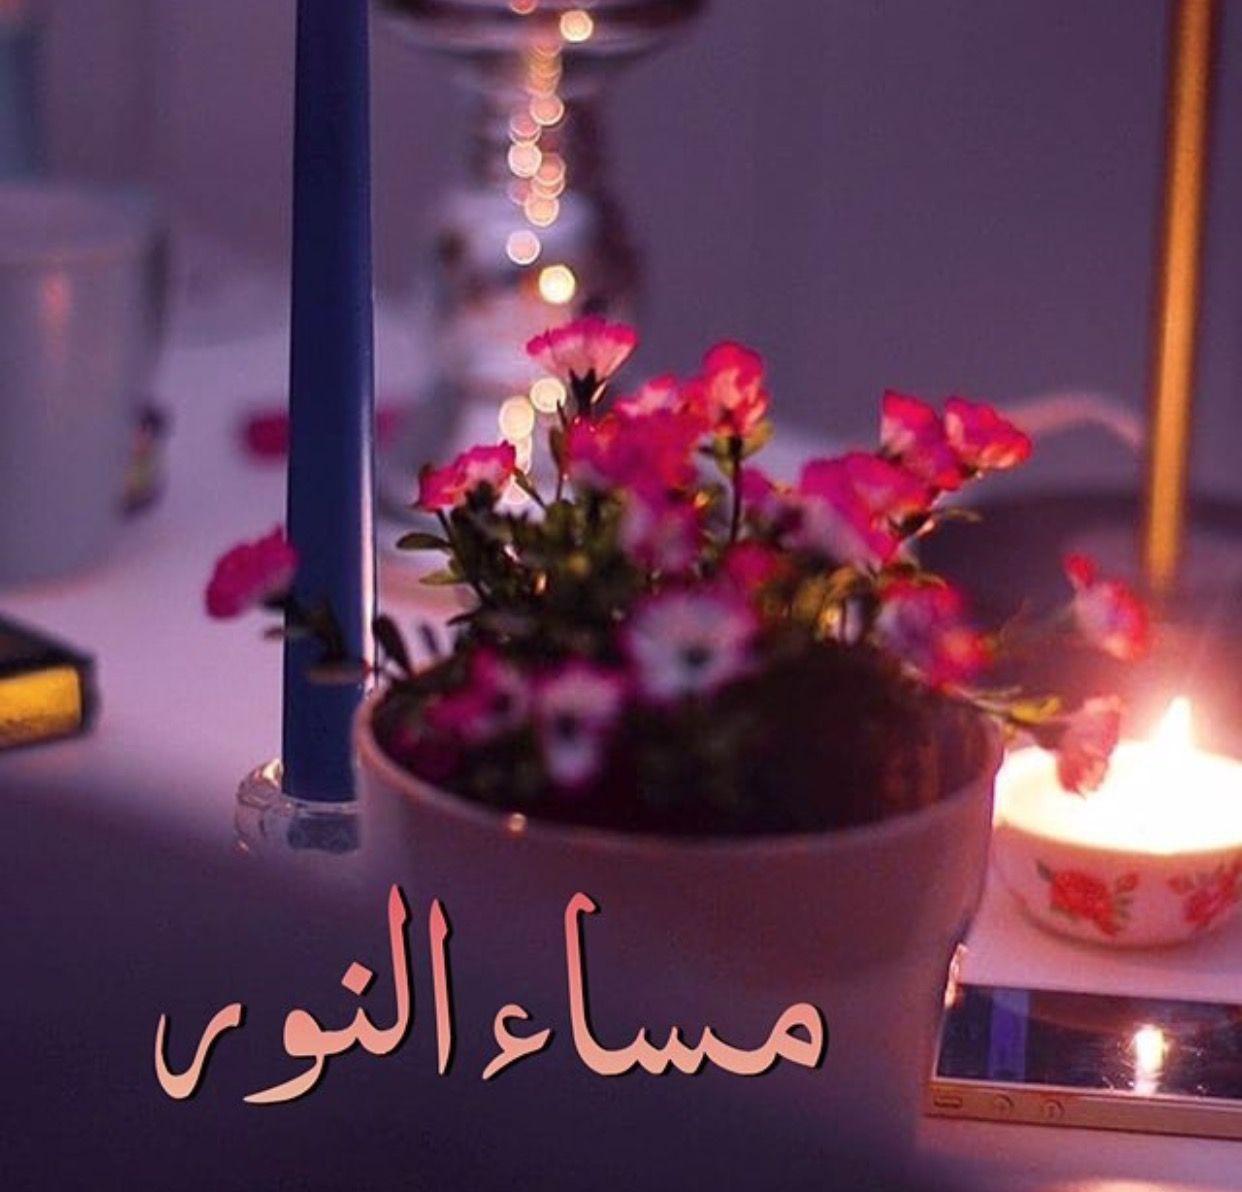 بالصور مساء العسل , احلى مساء الحب والعسل 3638 11